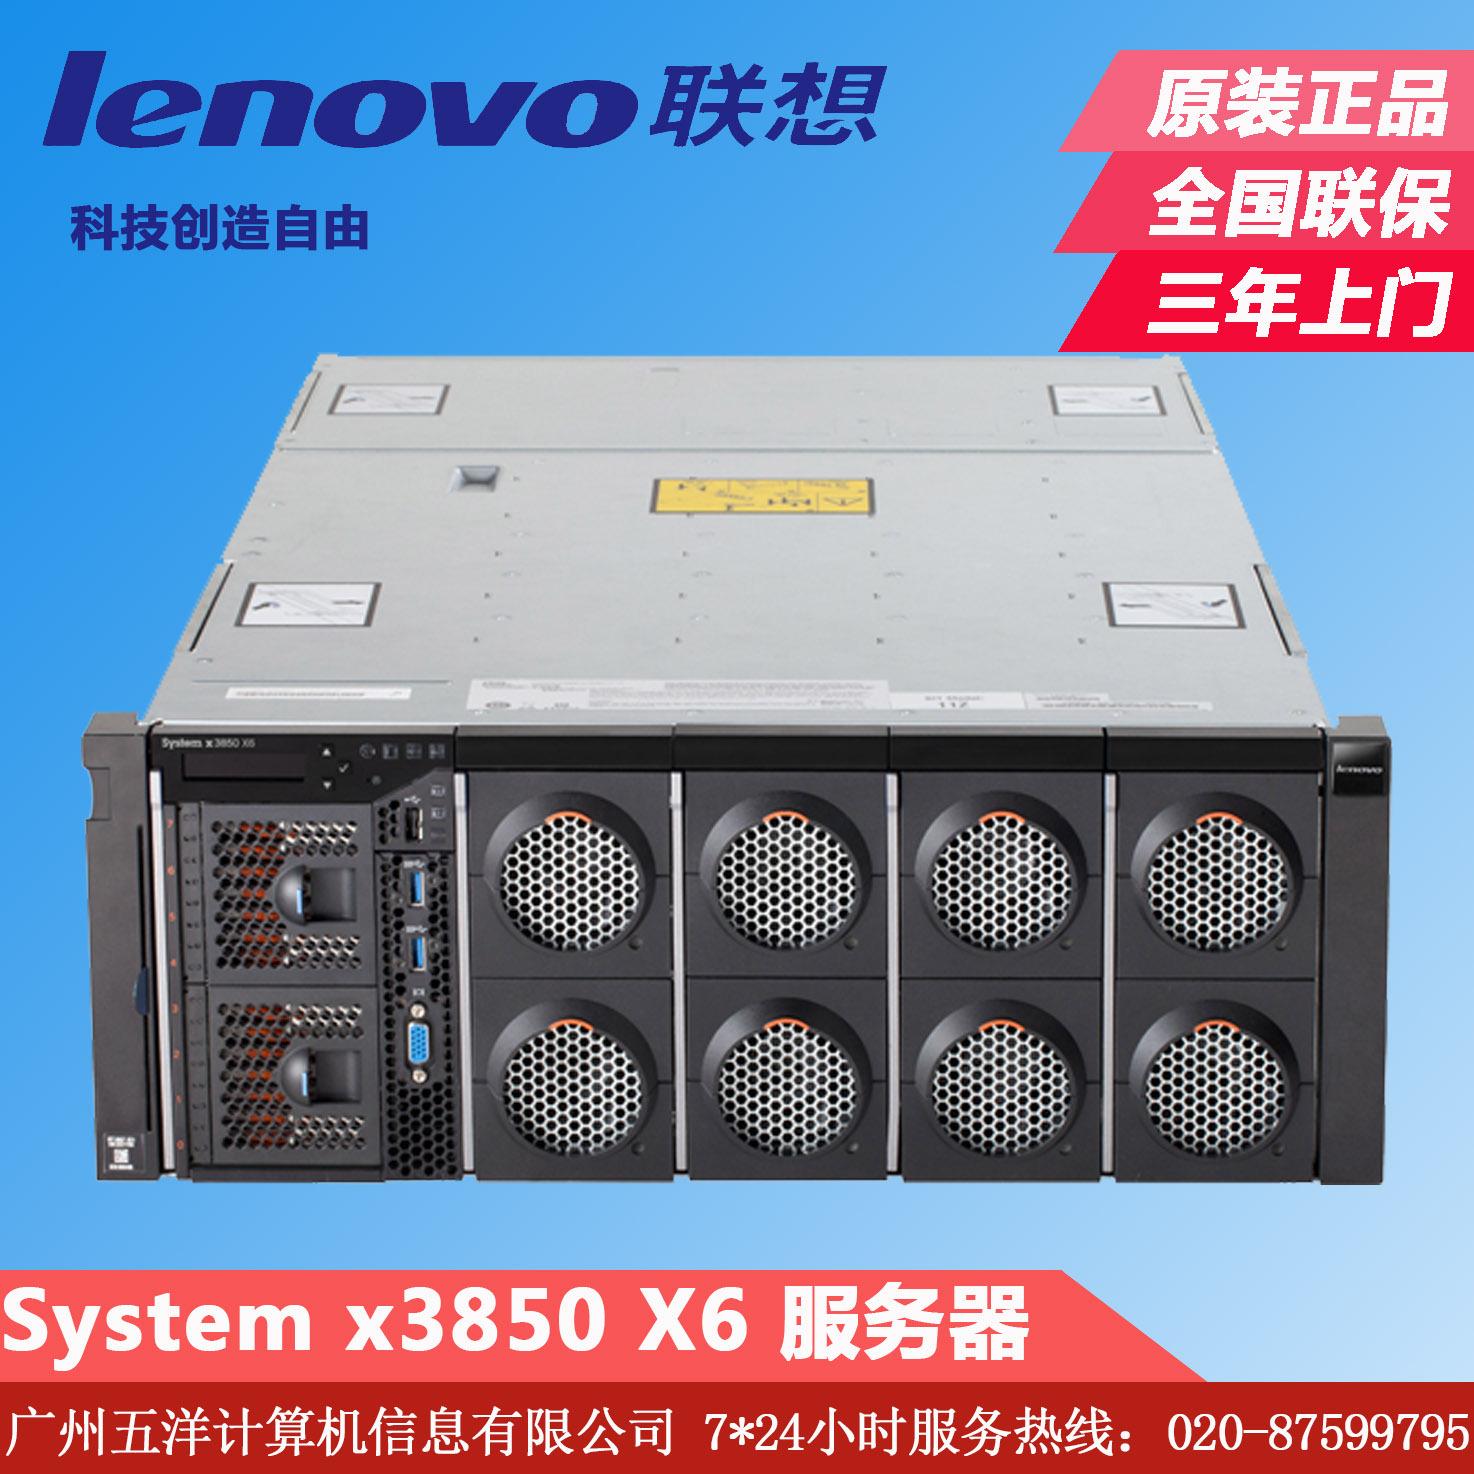 X6四路4U至强 Lenovo/联想 机架式 SAS